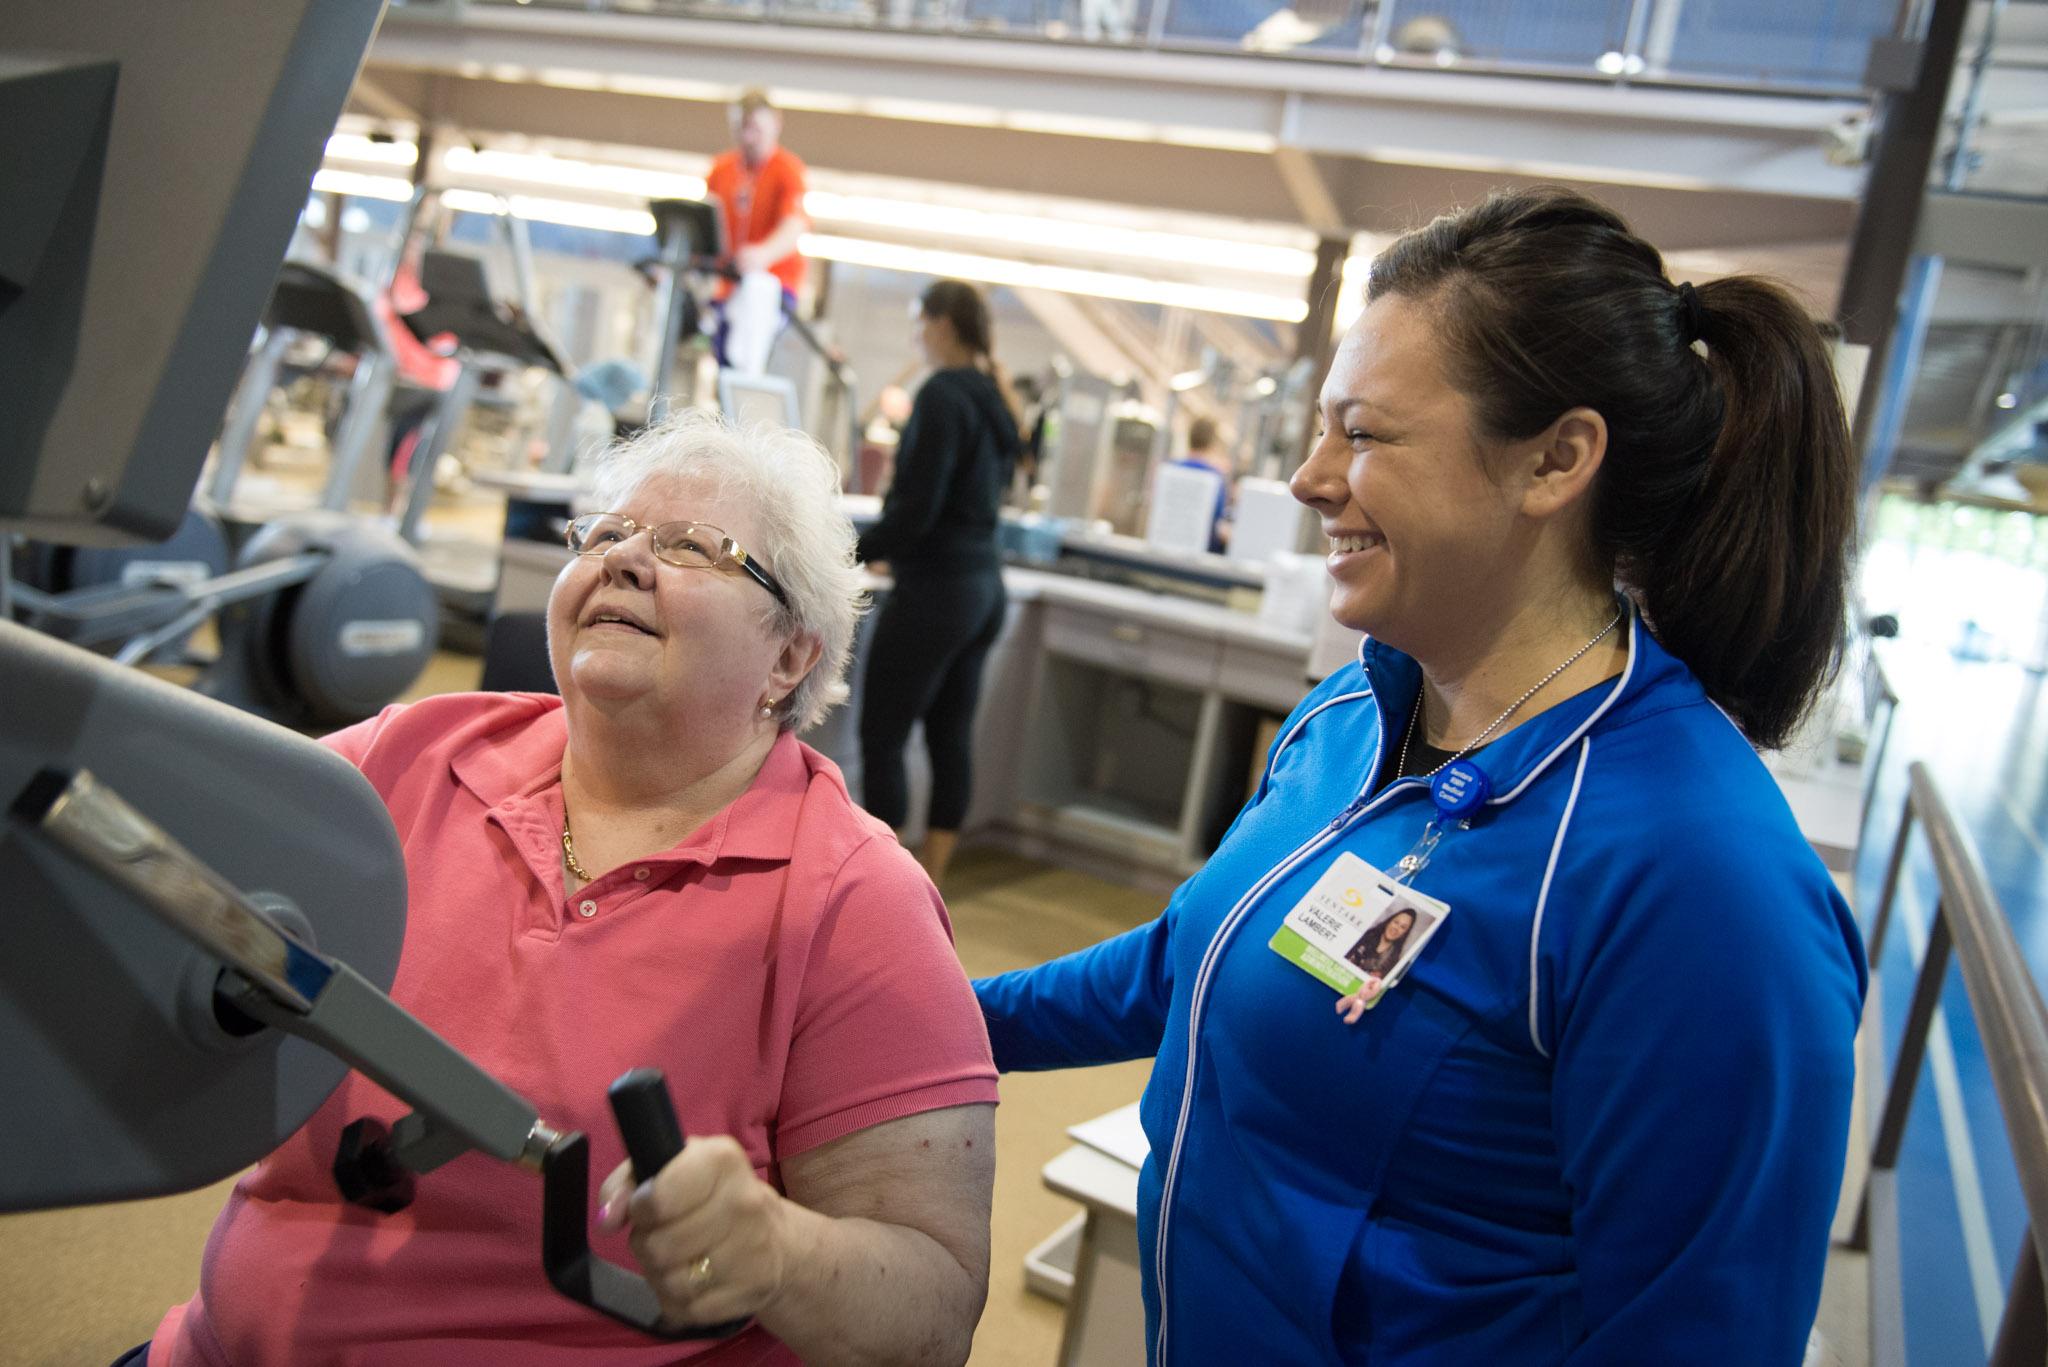 Wellness Center Stock Photos-1376.jpg